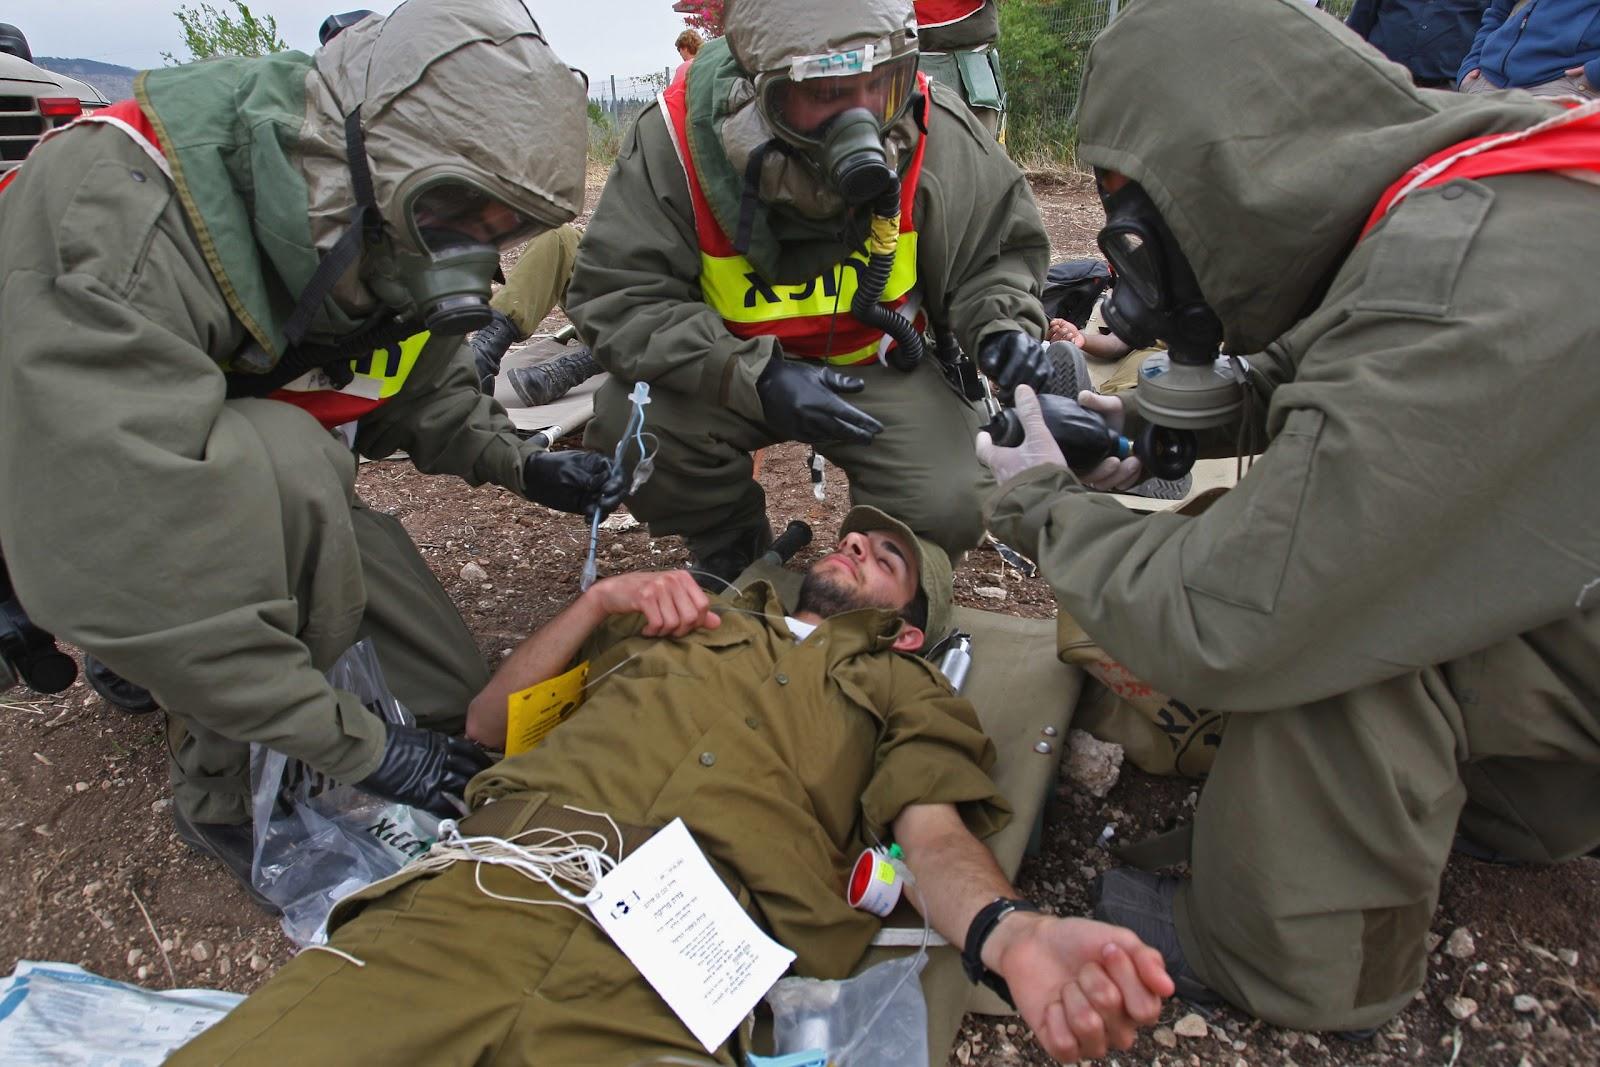 почему в Украине не работает система гражданской защиты